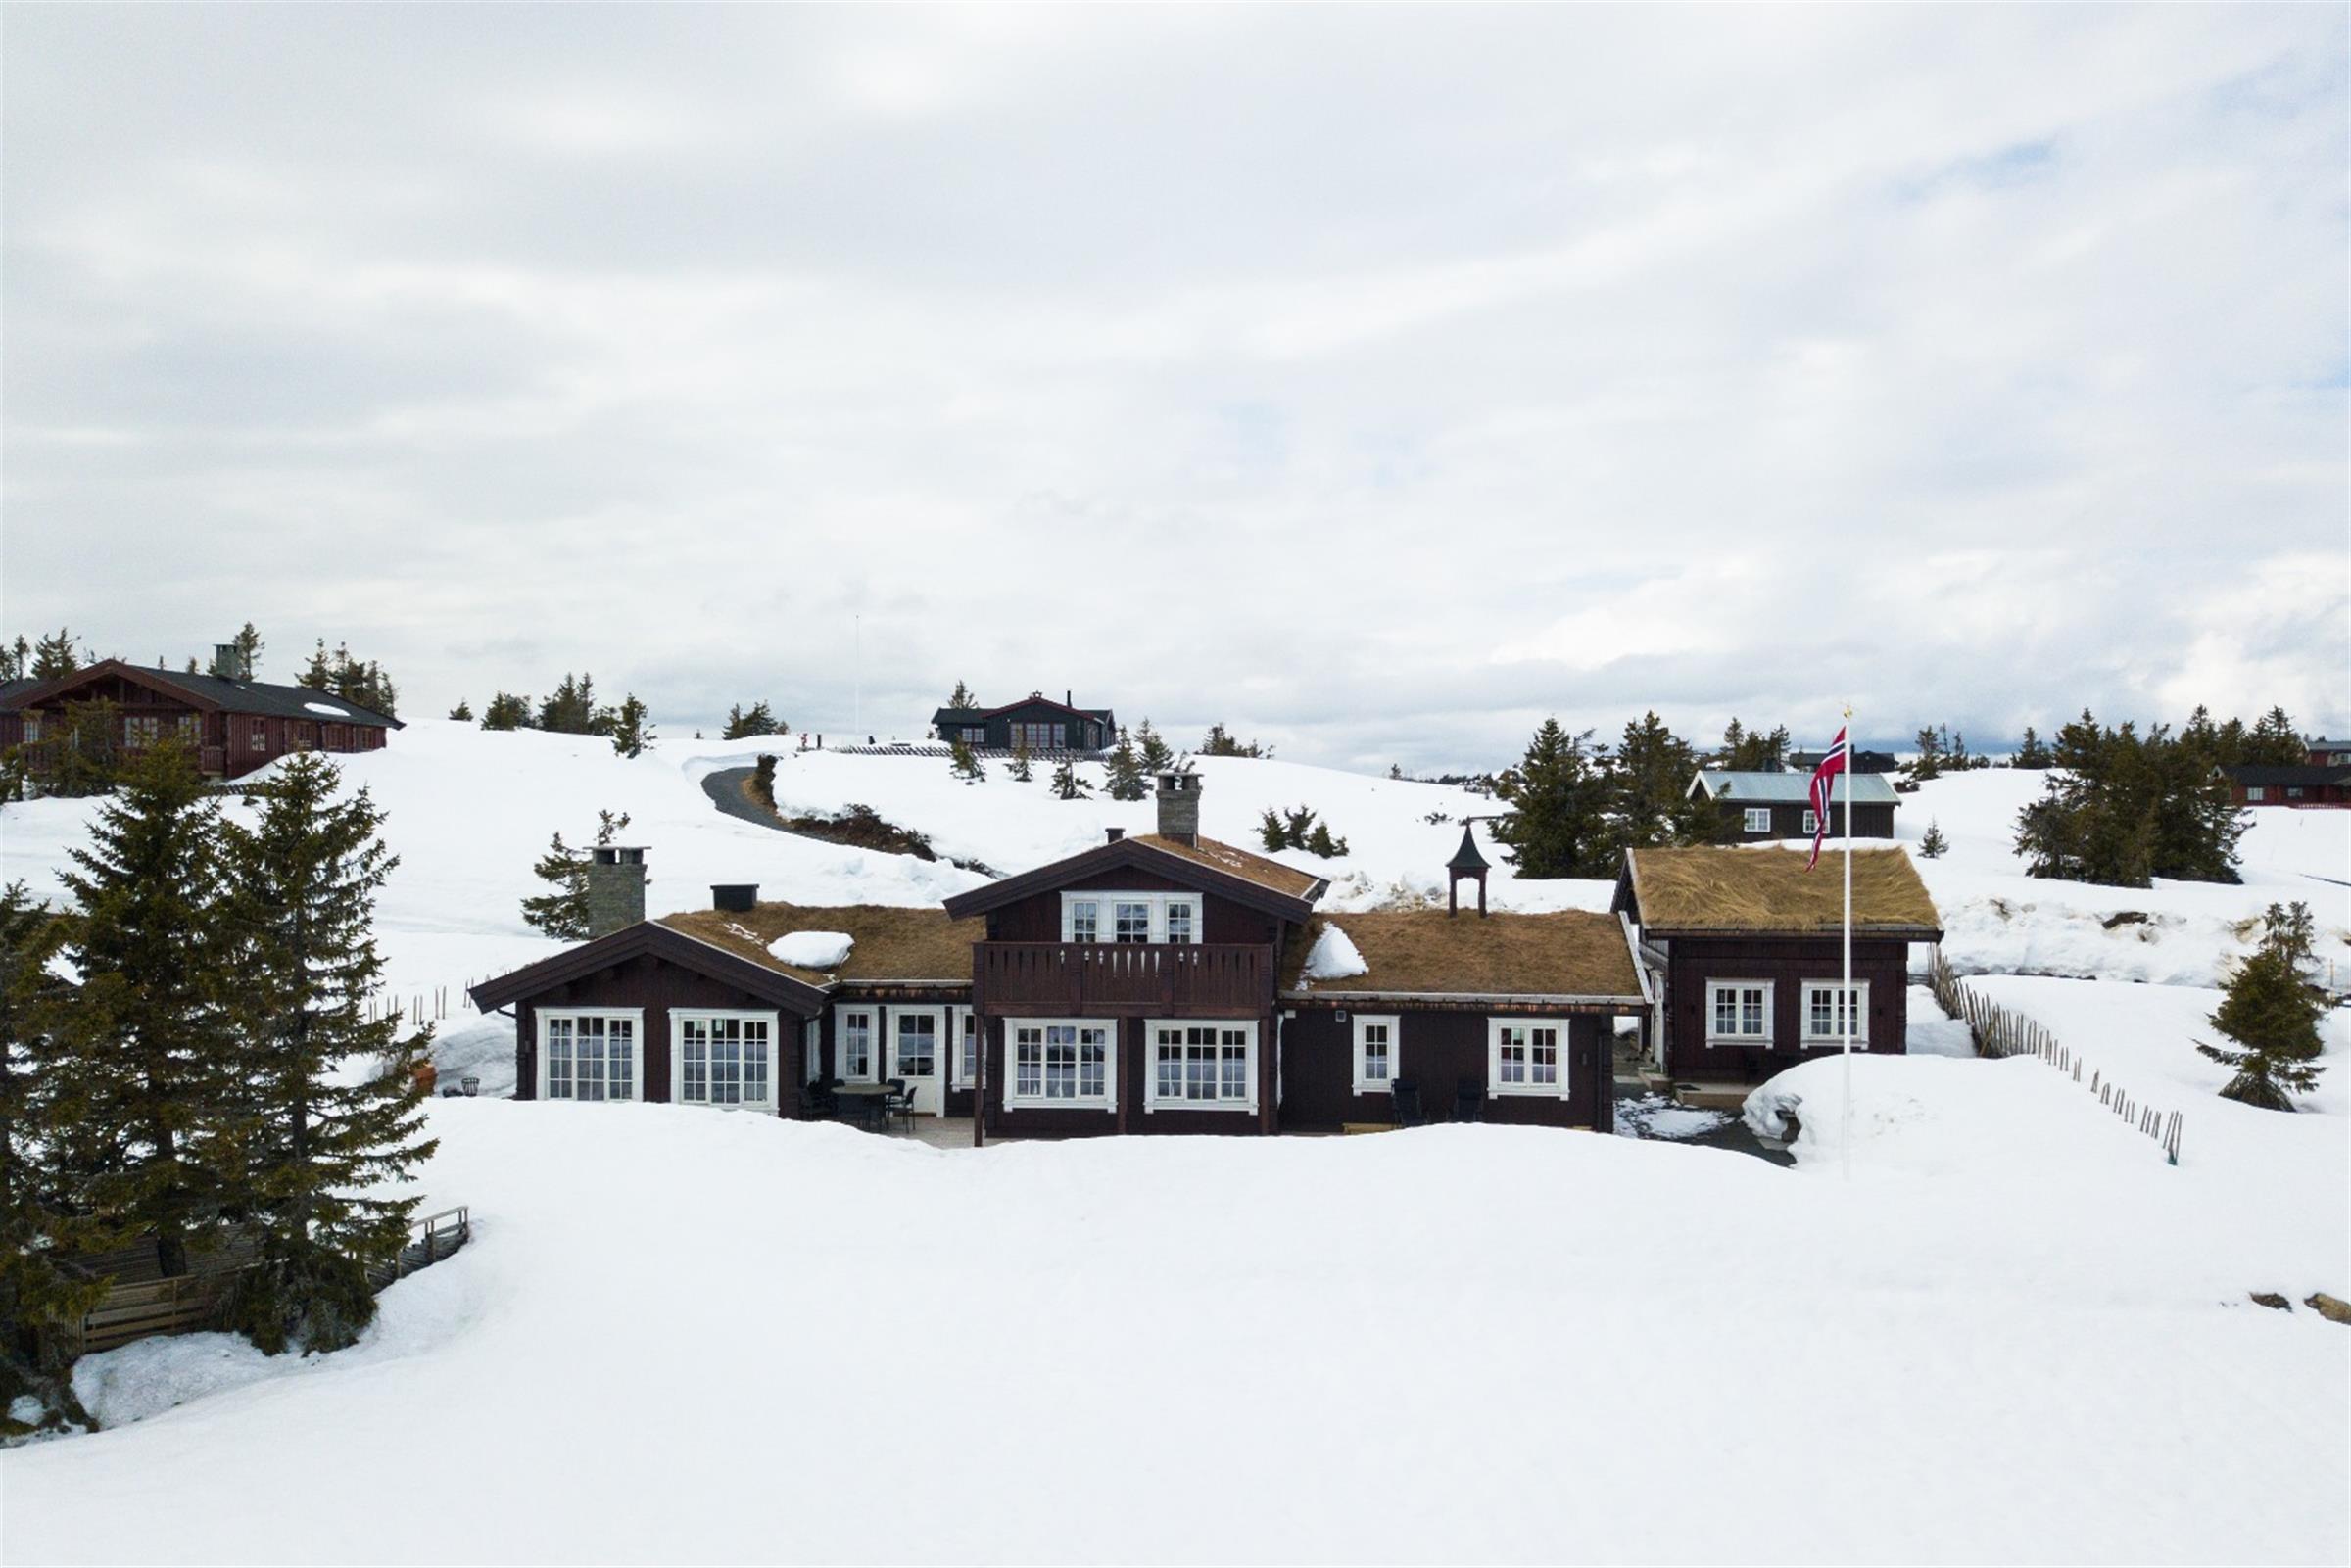 Spesial bygget hytte på Storåsen, Sjusjøen i moderne stavlaft med Hus 1 Norges egne profiler på hjørnekasser, søyler og omramminger. Ta kontakt for visning!